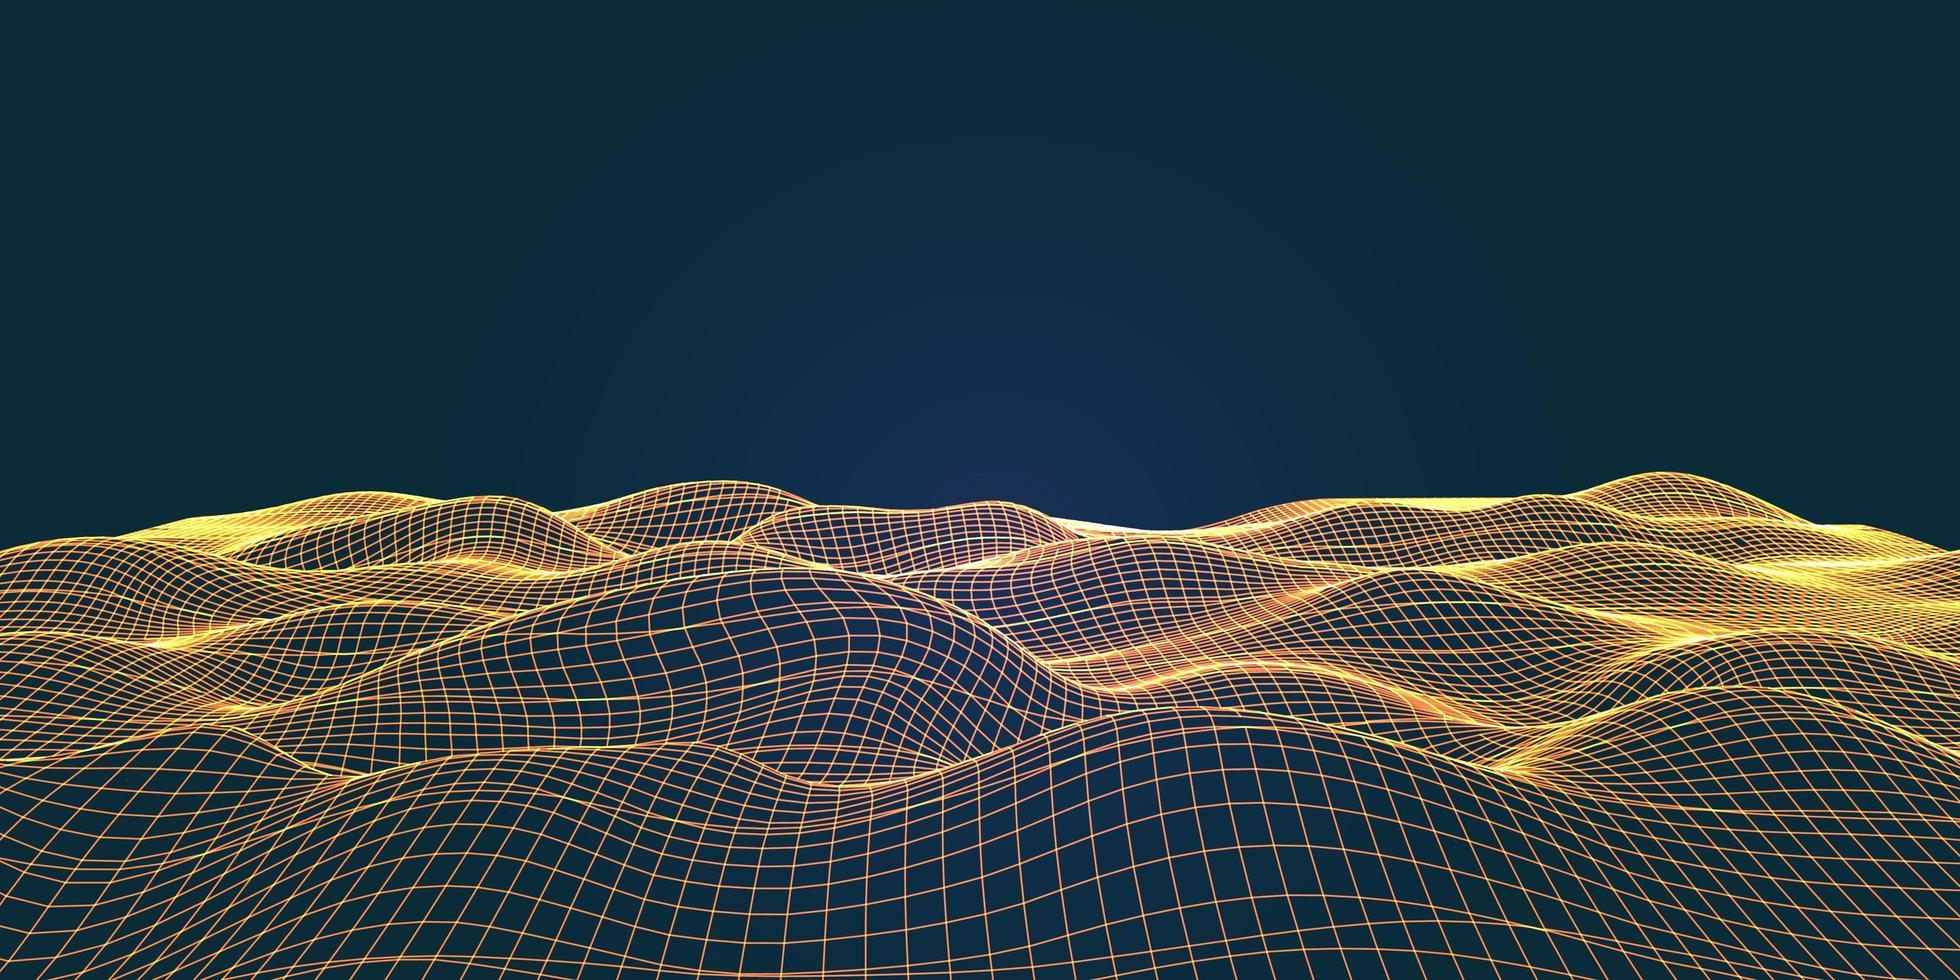 vloeiend draadframe landschap met verbindingslijnen vector